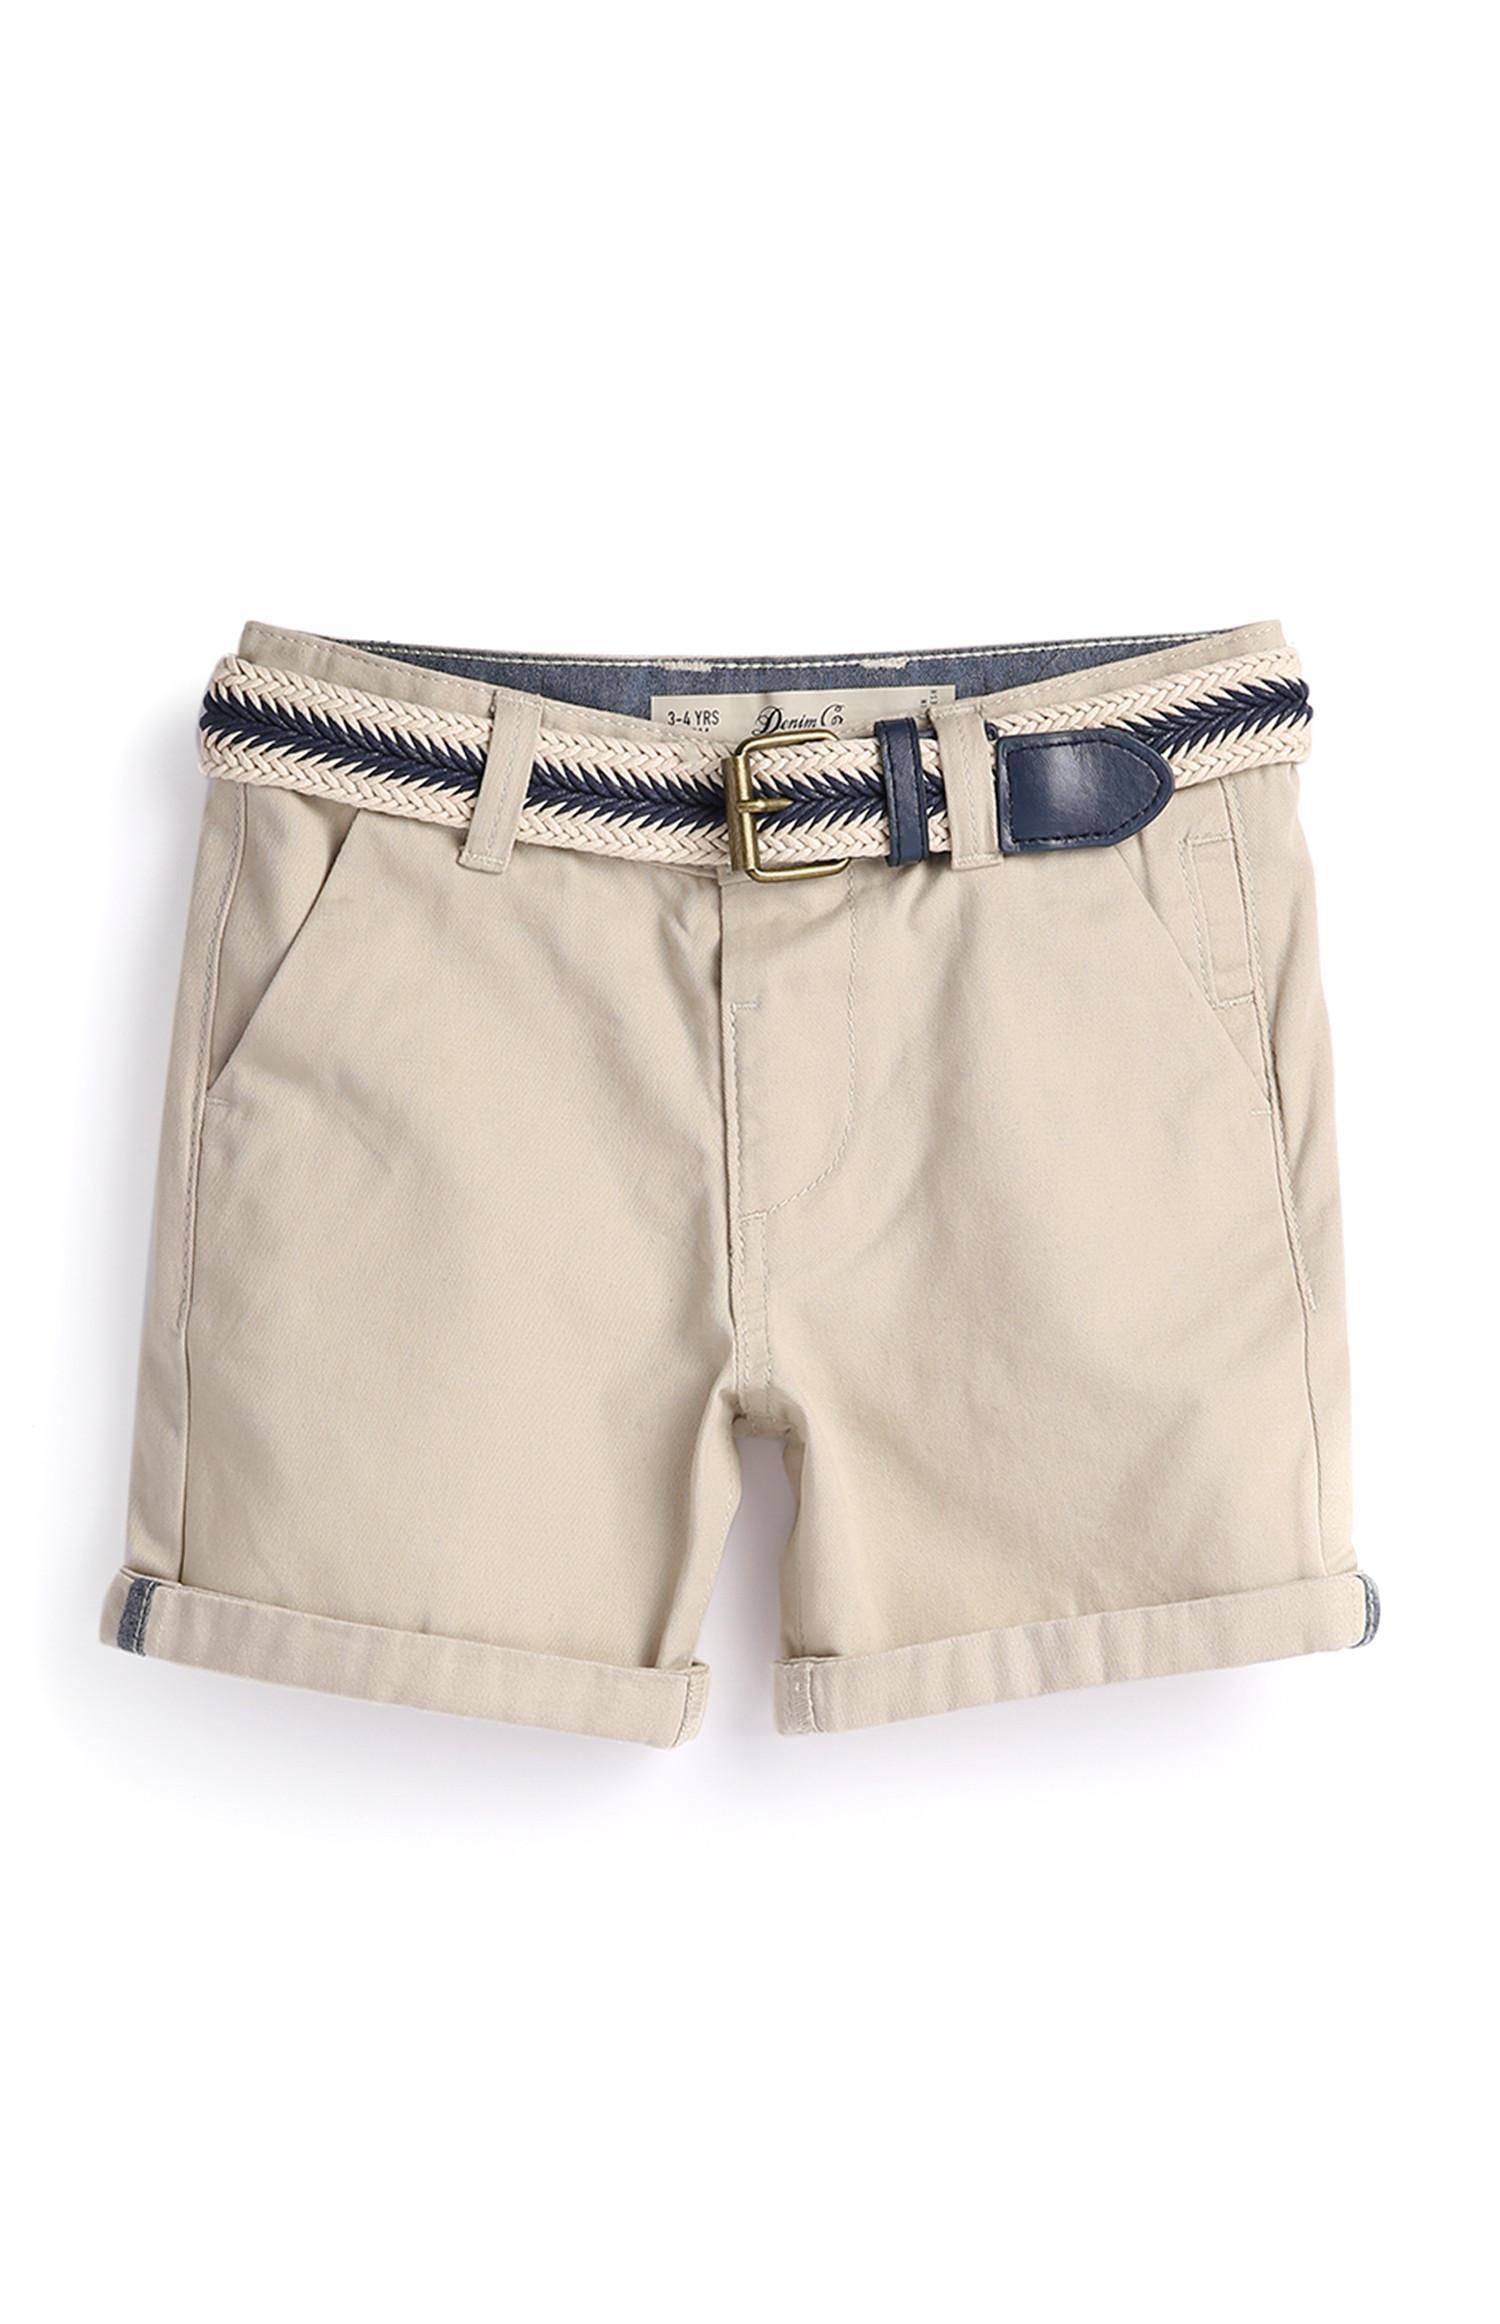 Años NiñoModa Pantalones De Cortos 2 A Para Niños 7 1KclJF